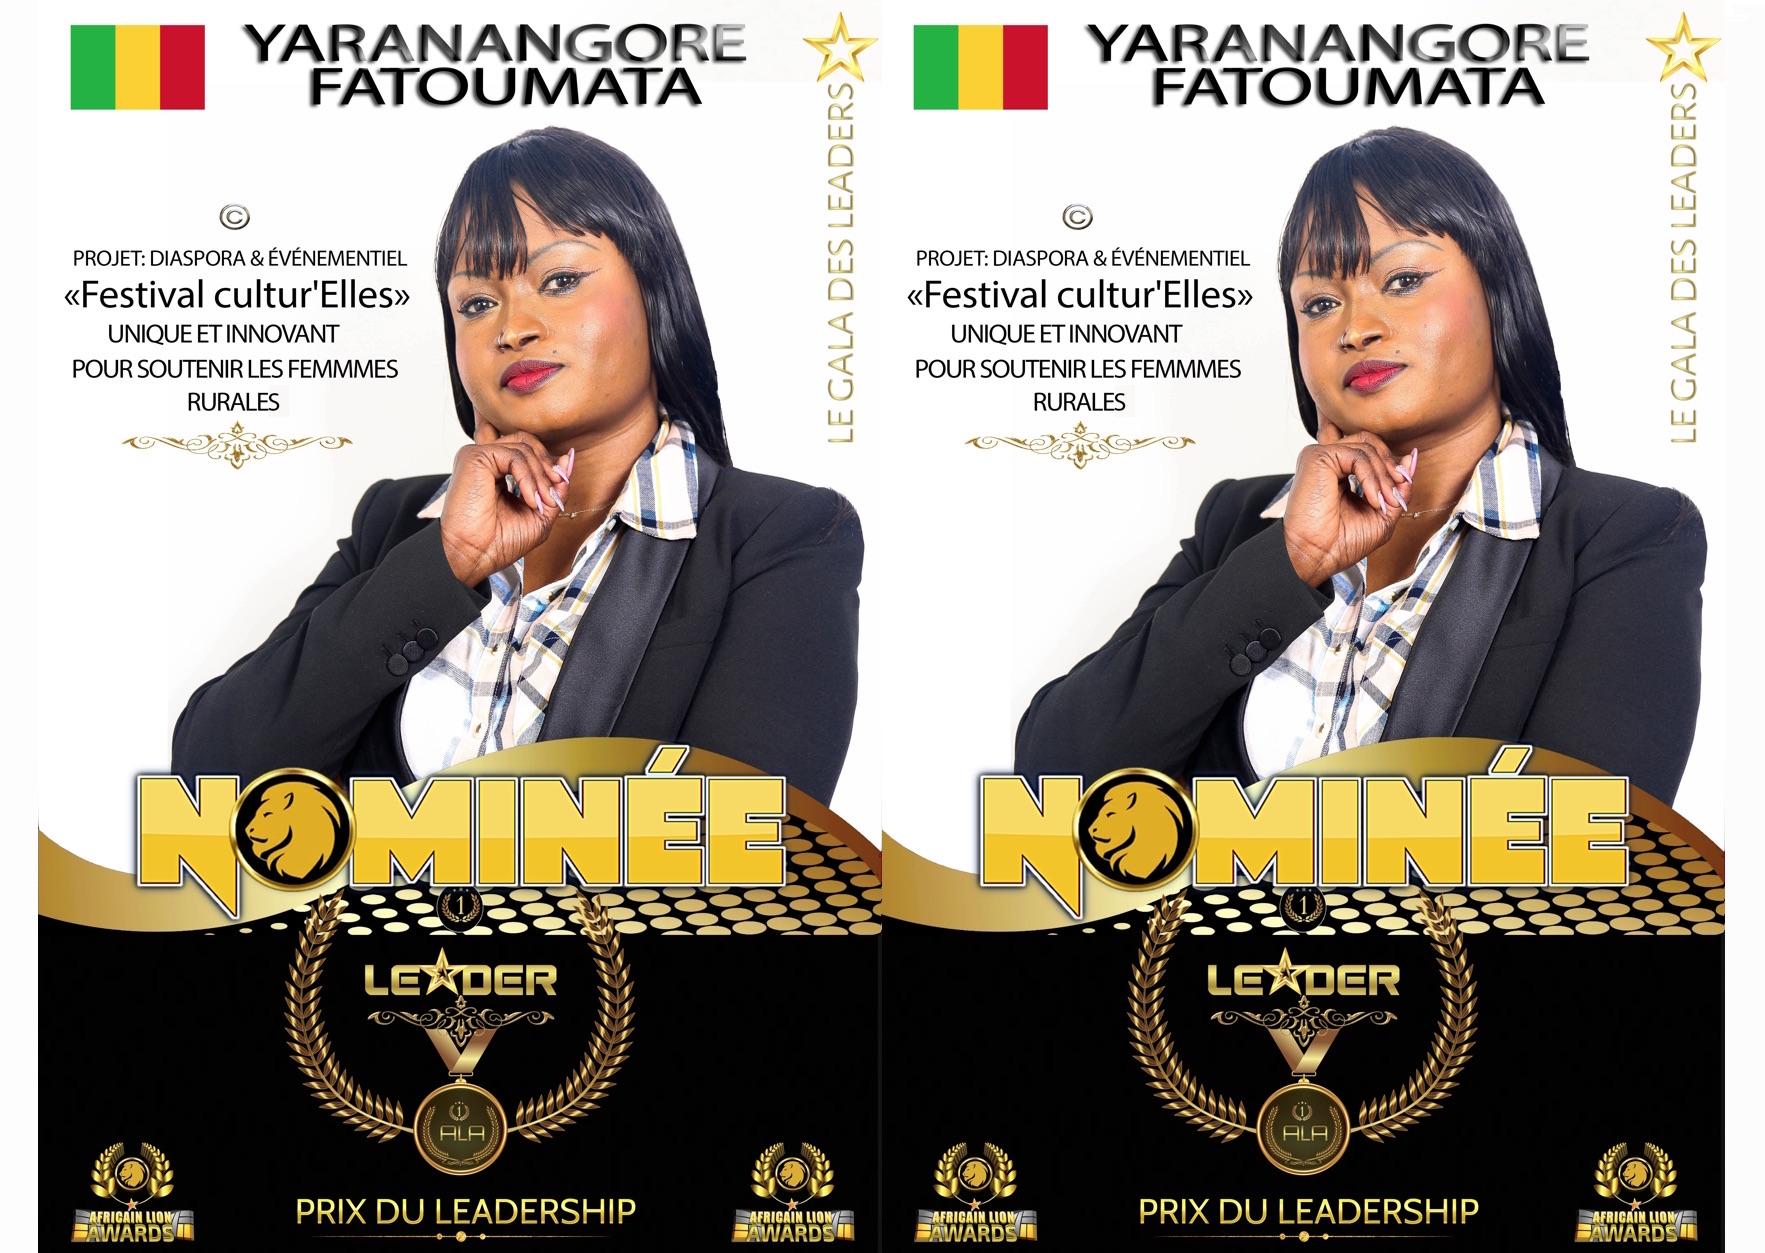 #ALA2019   Nominée : Fatoumata YARANANGORE   Projet: Festival Cultur'Elles   Prix du leadership   Catégorie : DIASPORA & ÉVÉNEMENTIEL